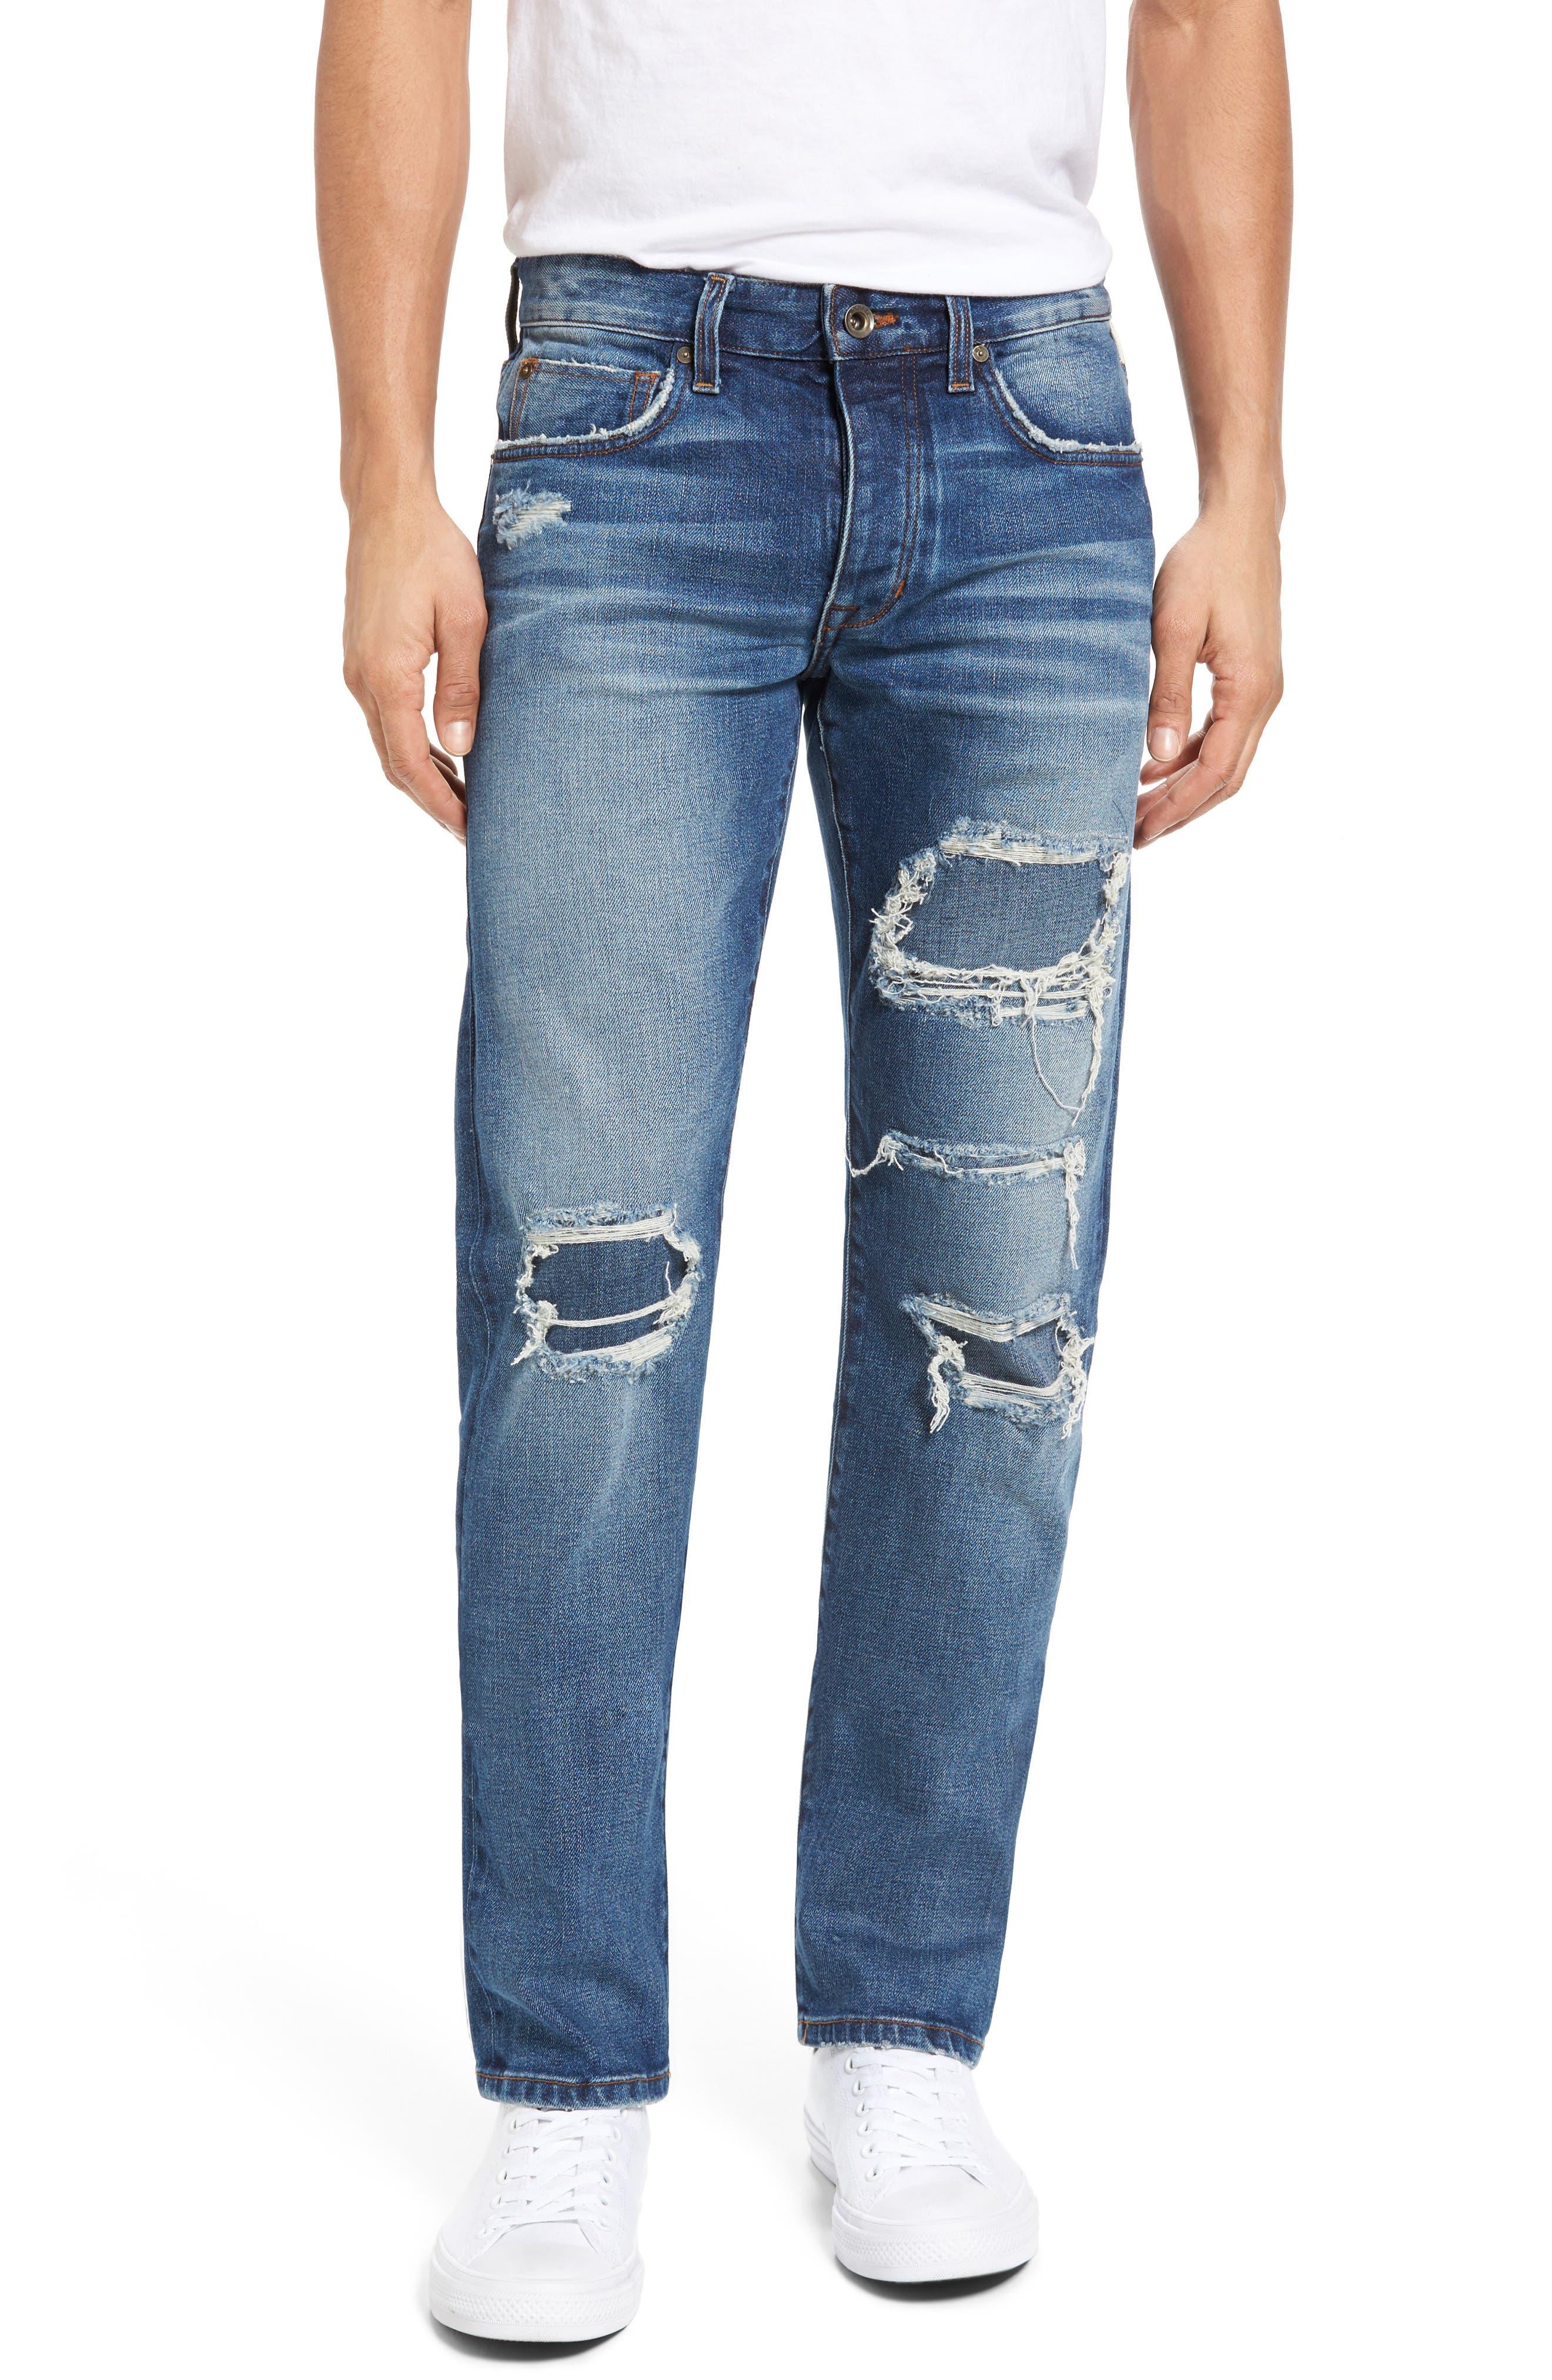 Brixton Slim Fit Jeans,                             Main thumbnail 1, color,                             410